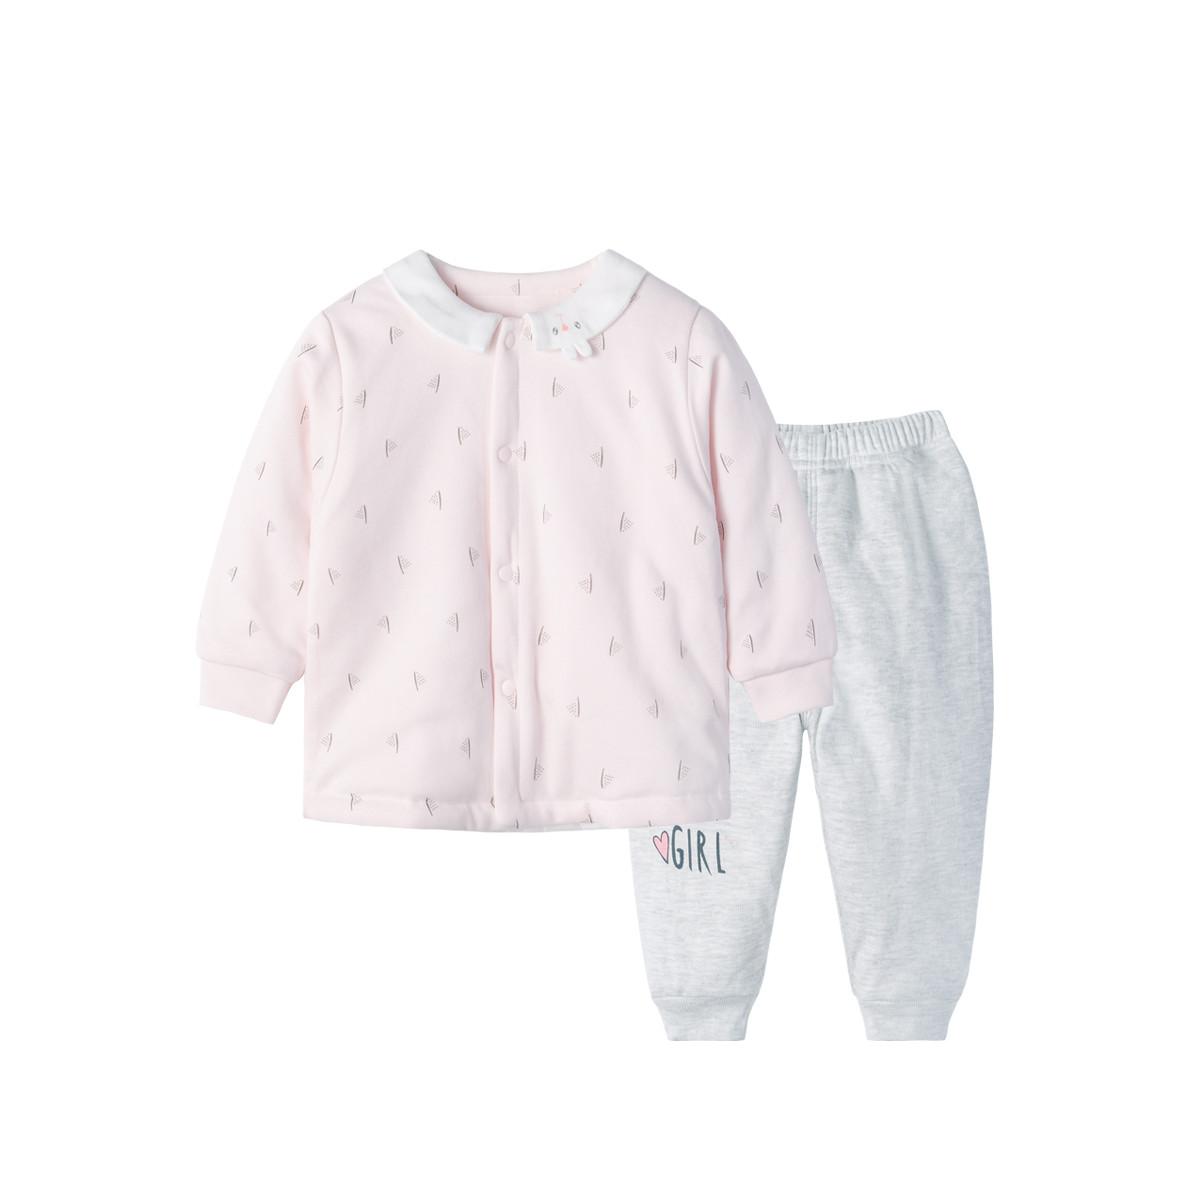 贝贝怡男女宝冬季前开夹棉套装2019新款软萌小宝贝家居服两件套194T41211